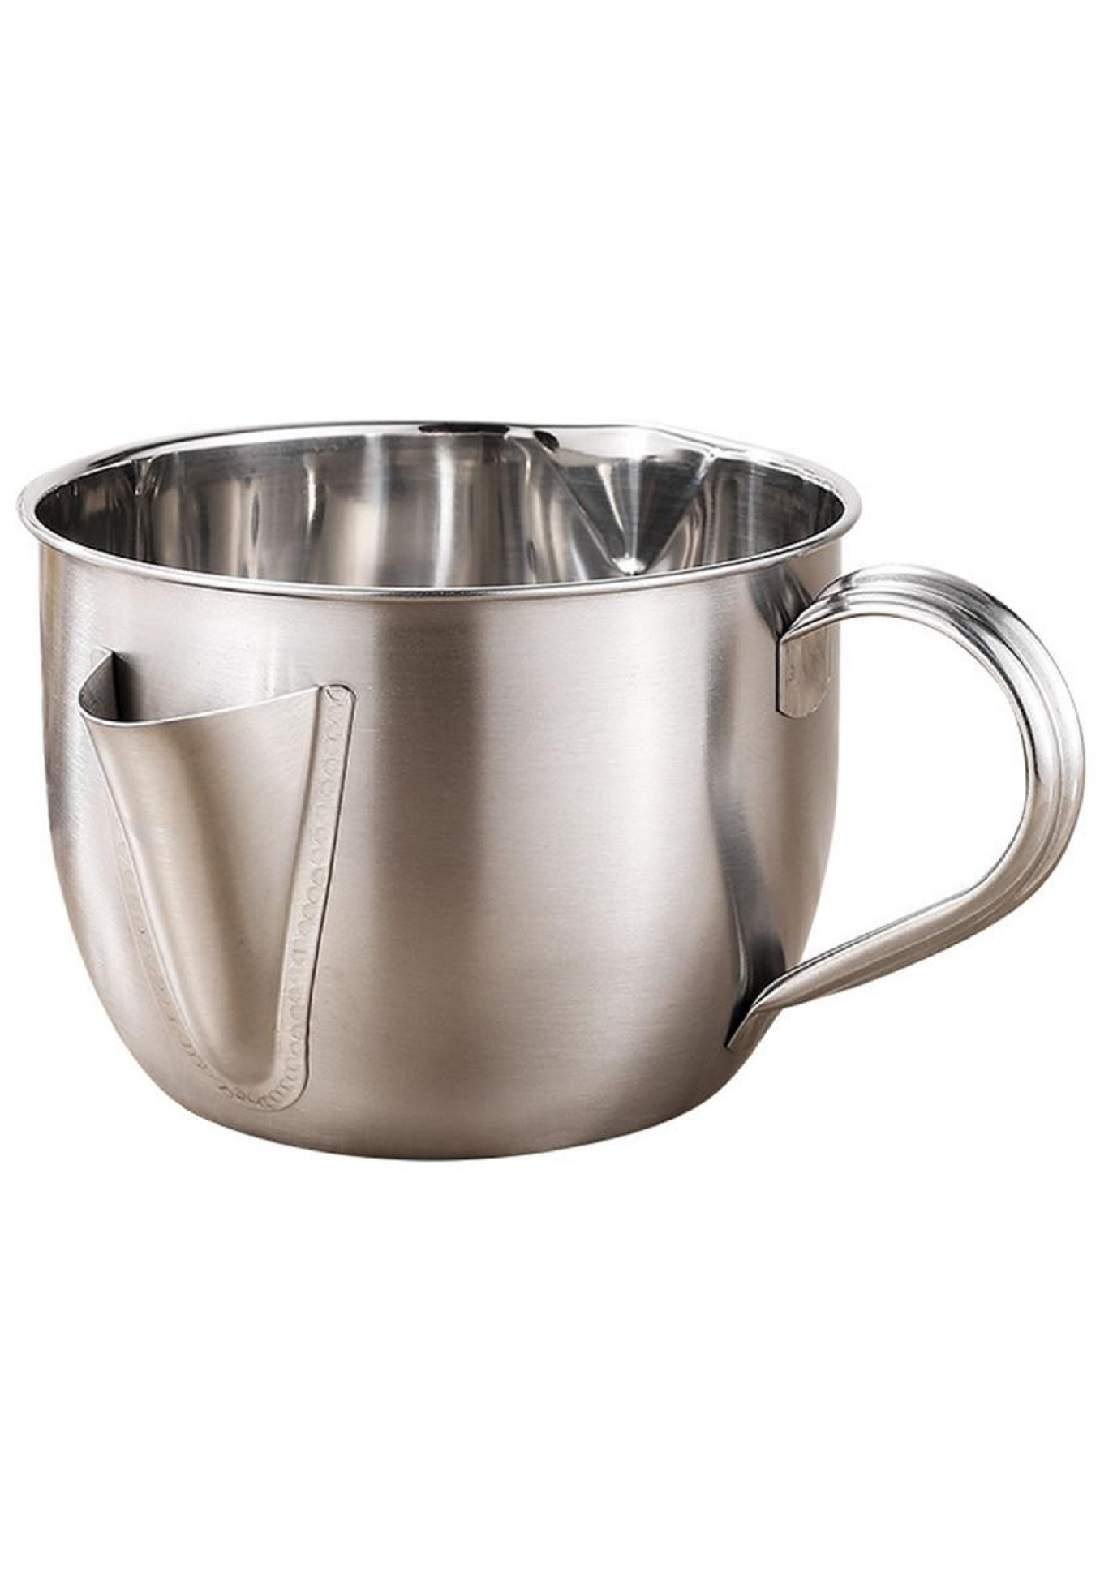 قدر فصل الدهون عن الحساء حجم (1000) مل مع غطاء وفرشة تنظيف